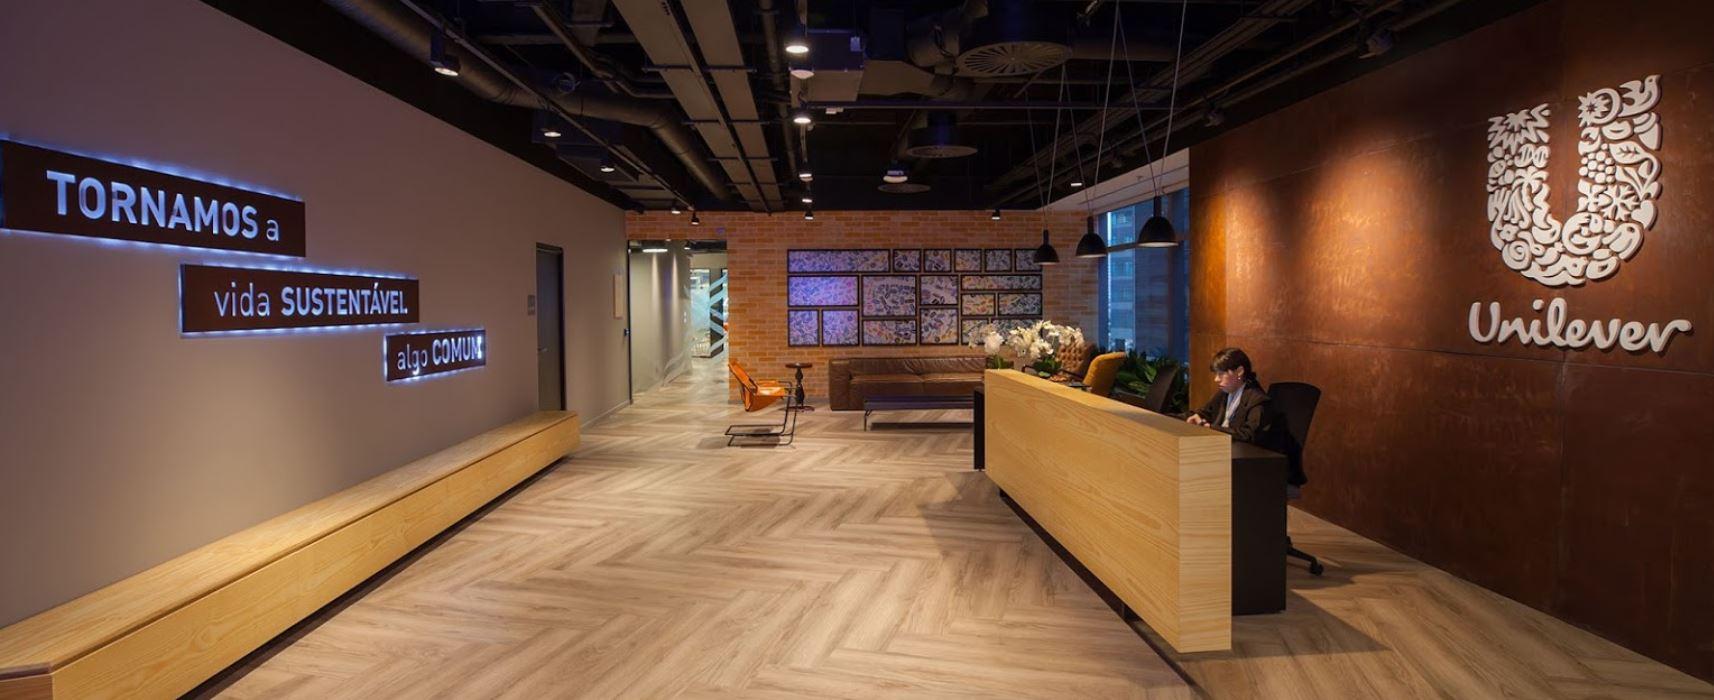 Visita digital: Unilever abre suas portas em parceria com o Google Street View